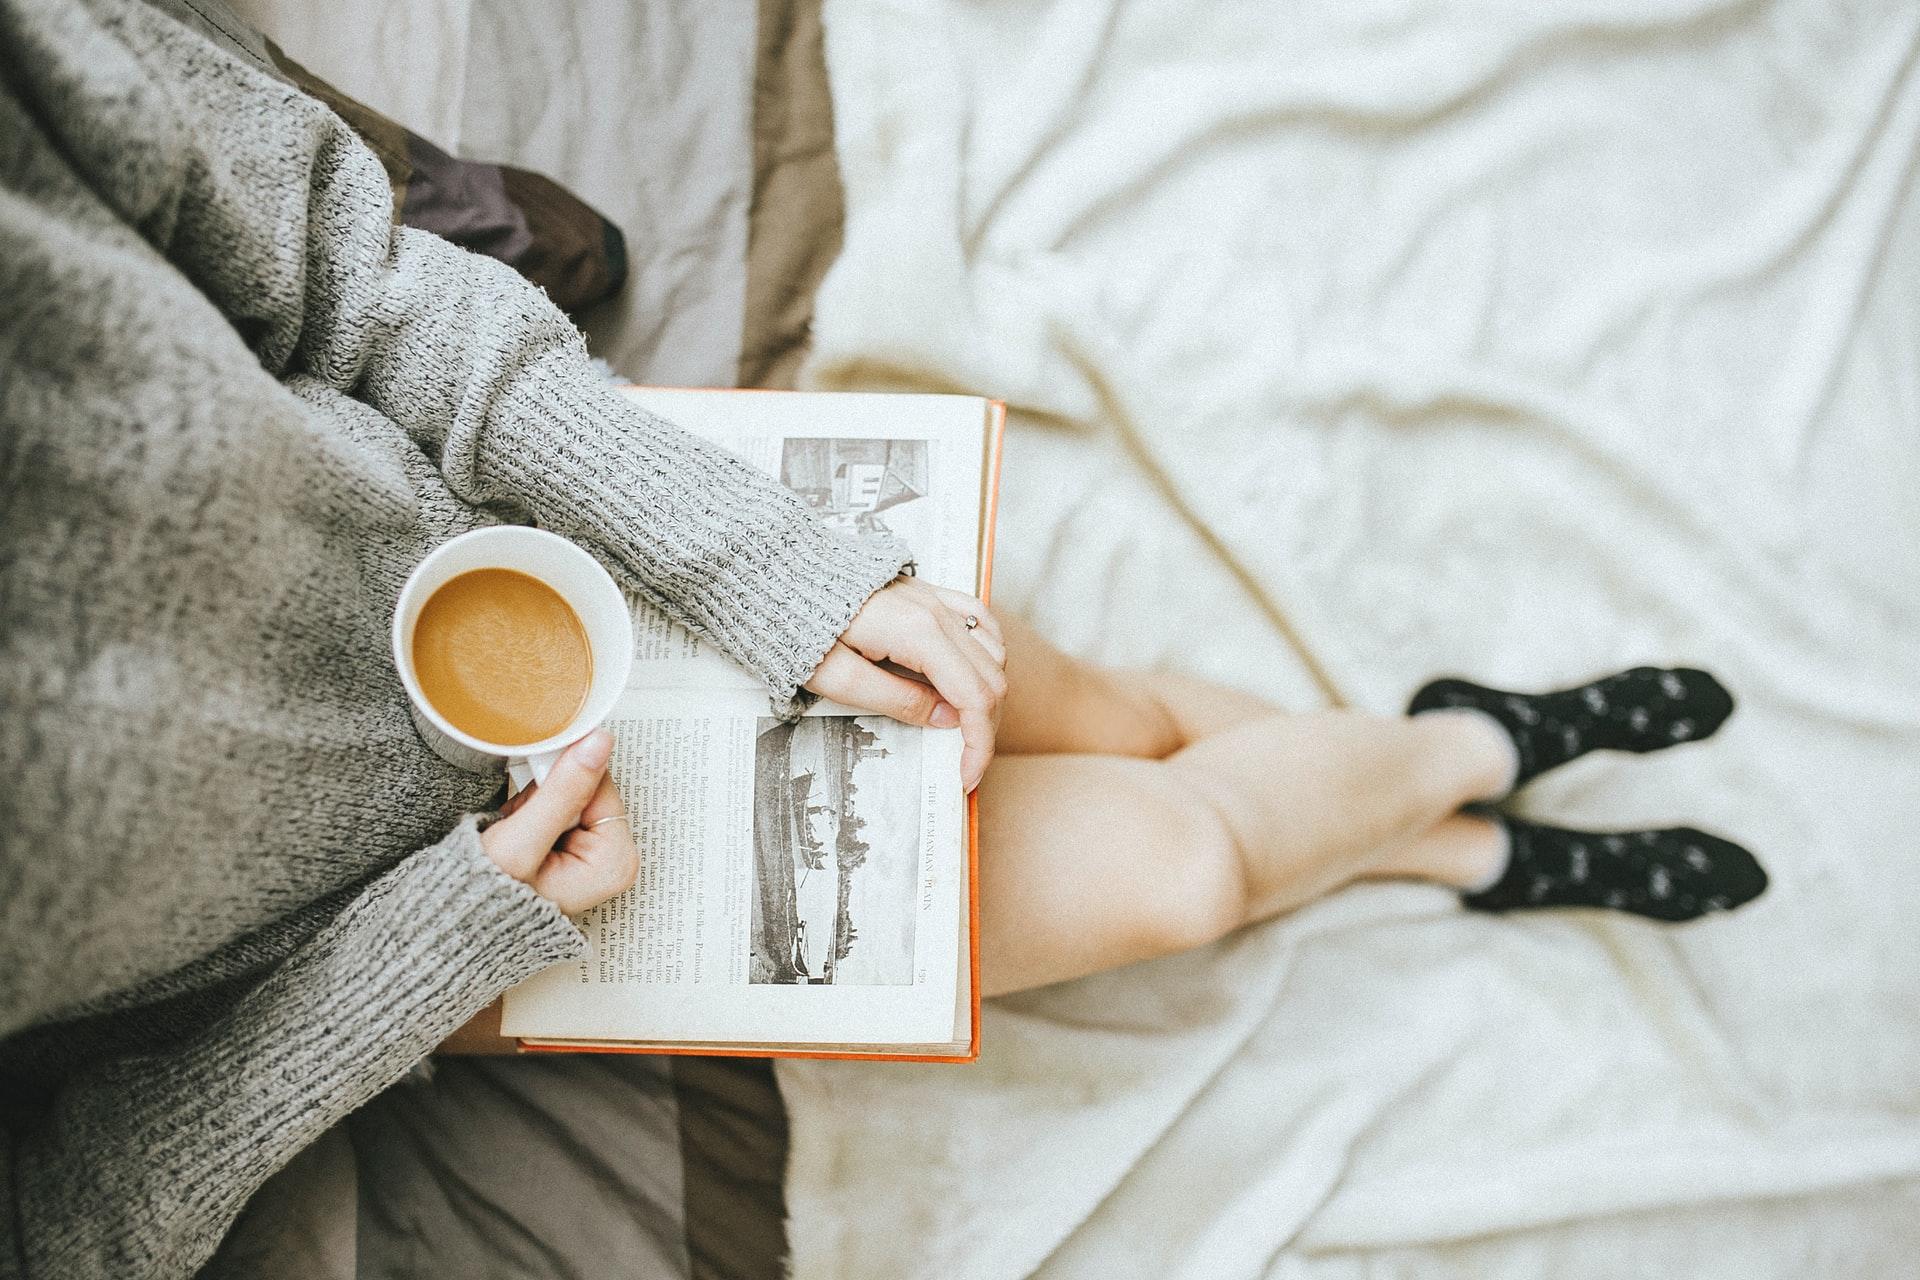 コーヒーを片手にし膝に本を置いて座る女性